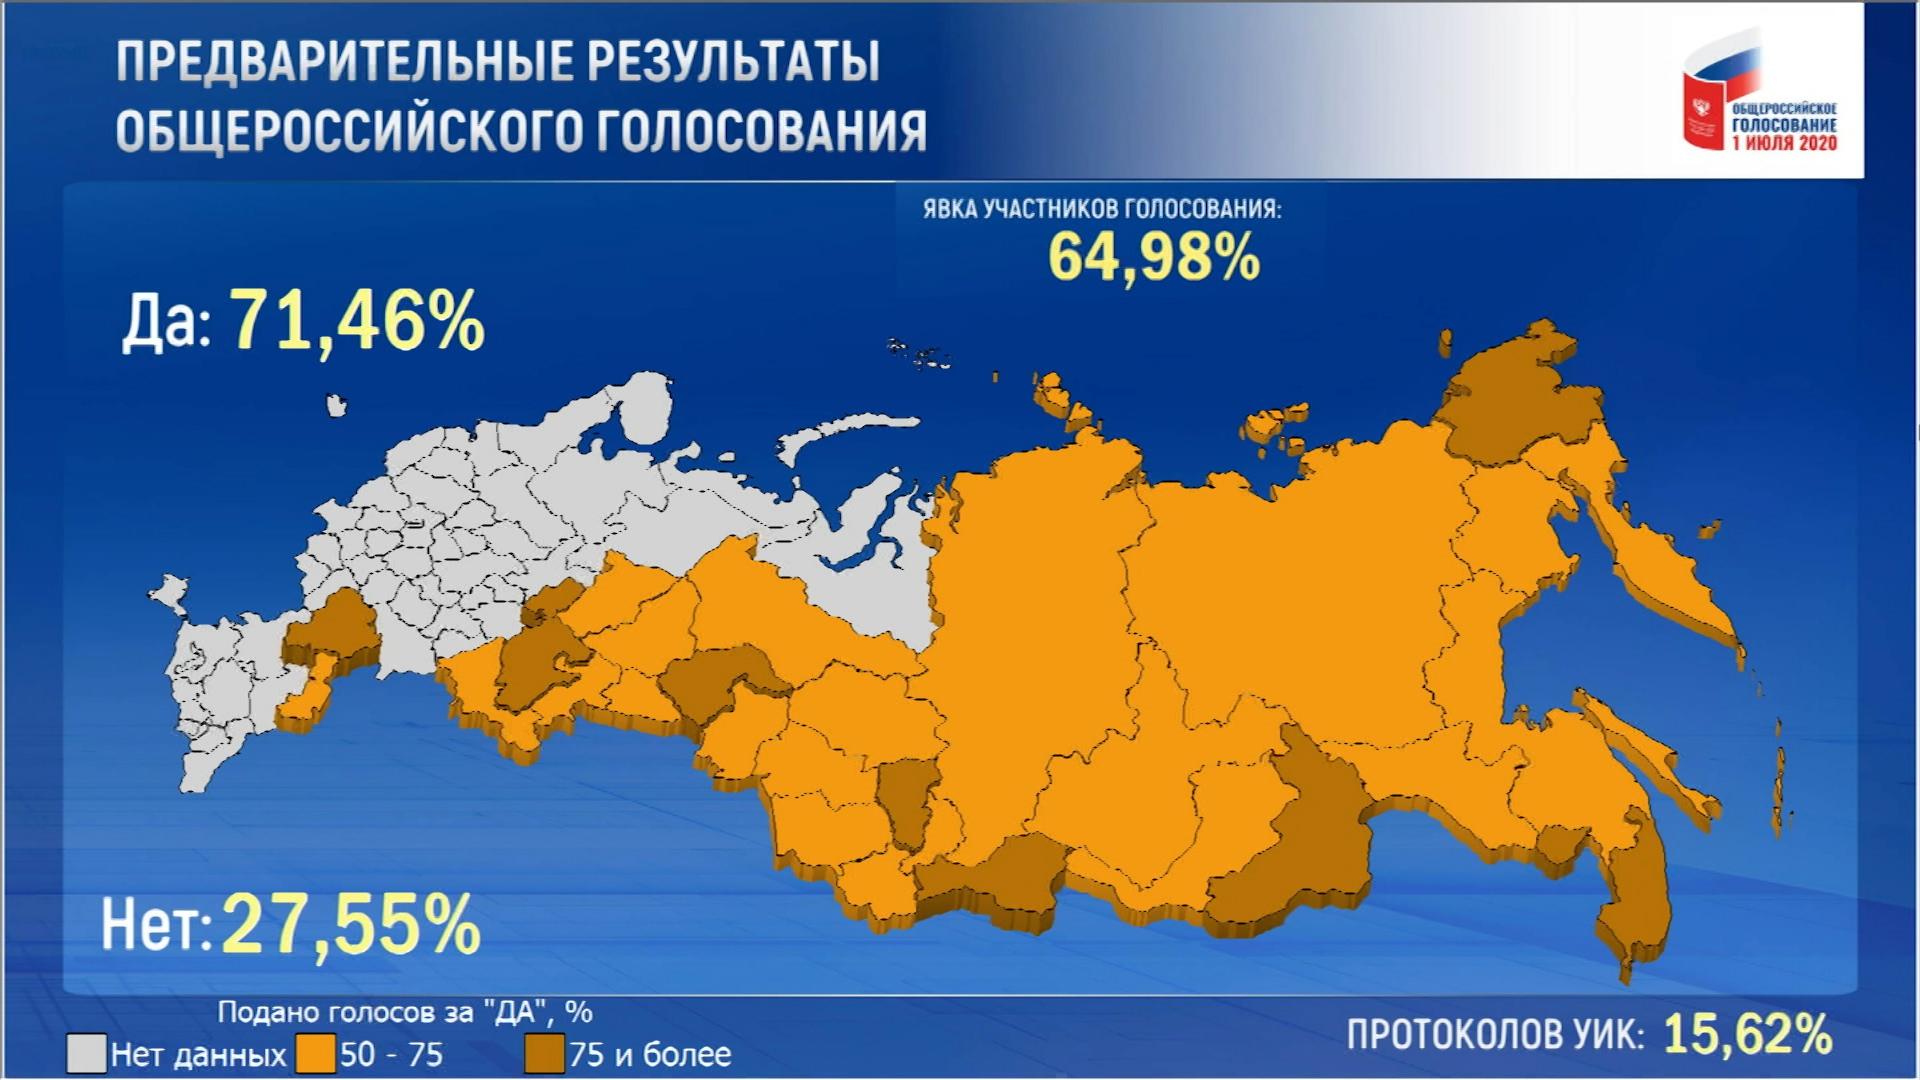 Предварительные данные общественного голосования